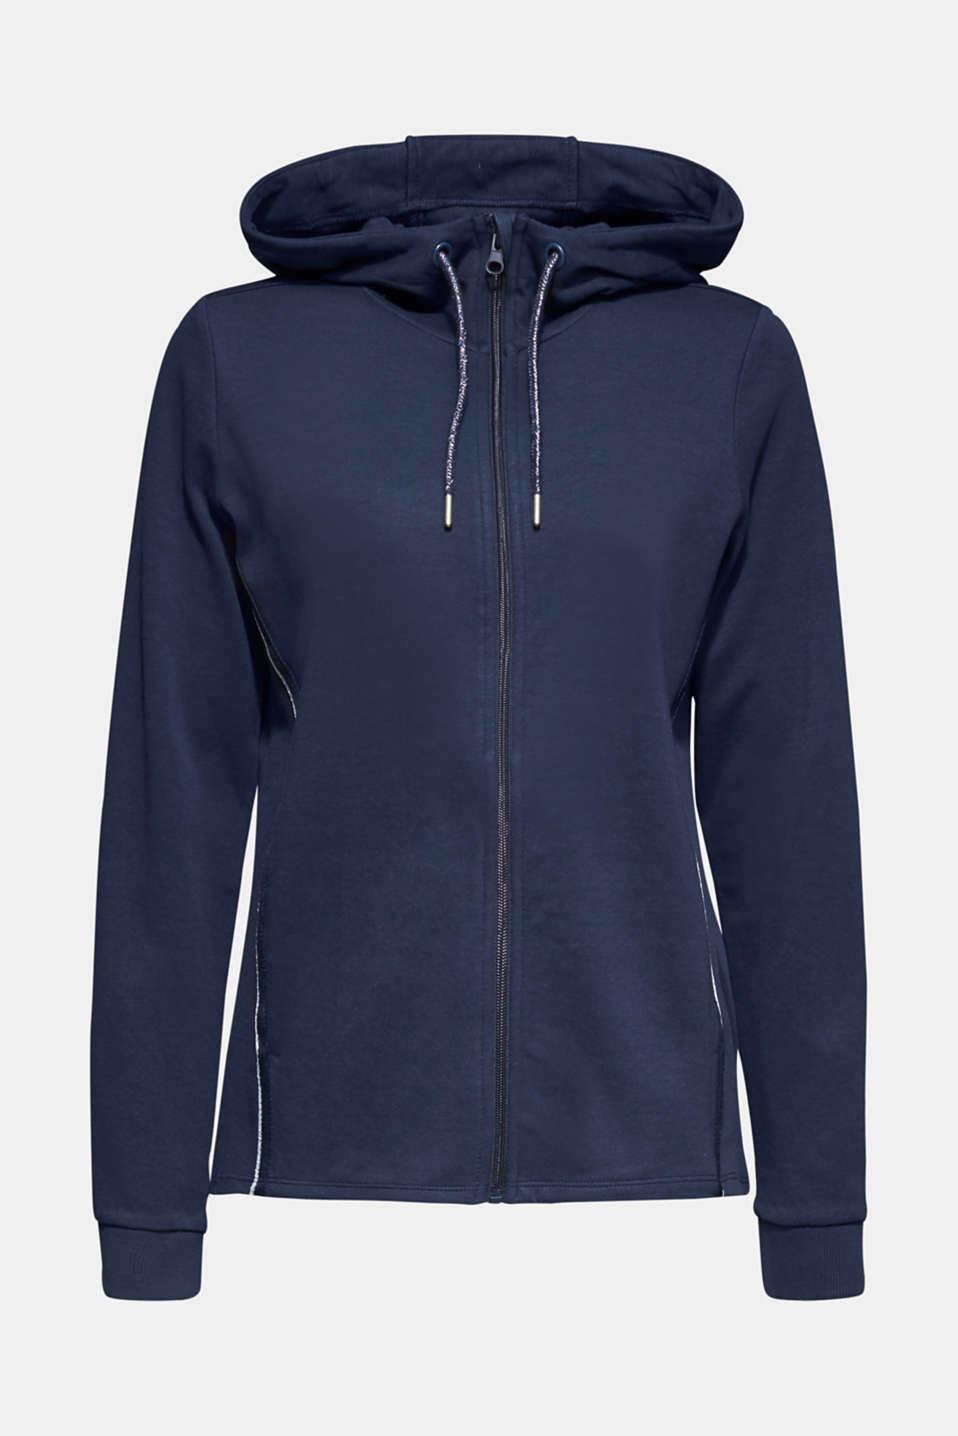 Sweatshirts cardigan, NAVY, detail image number 6